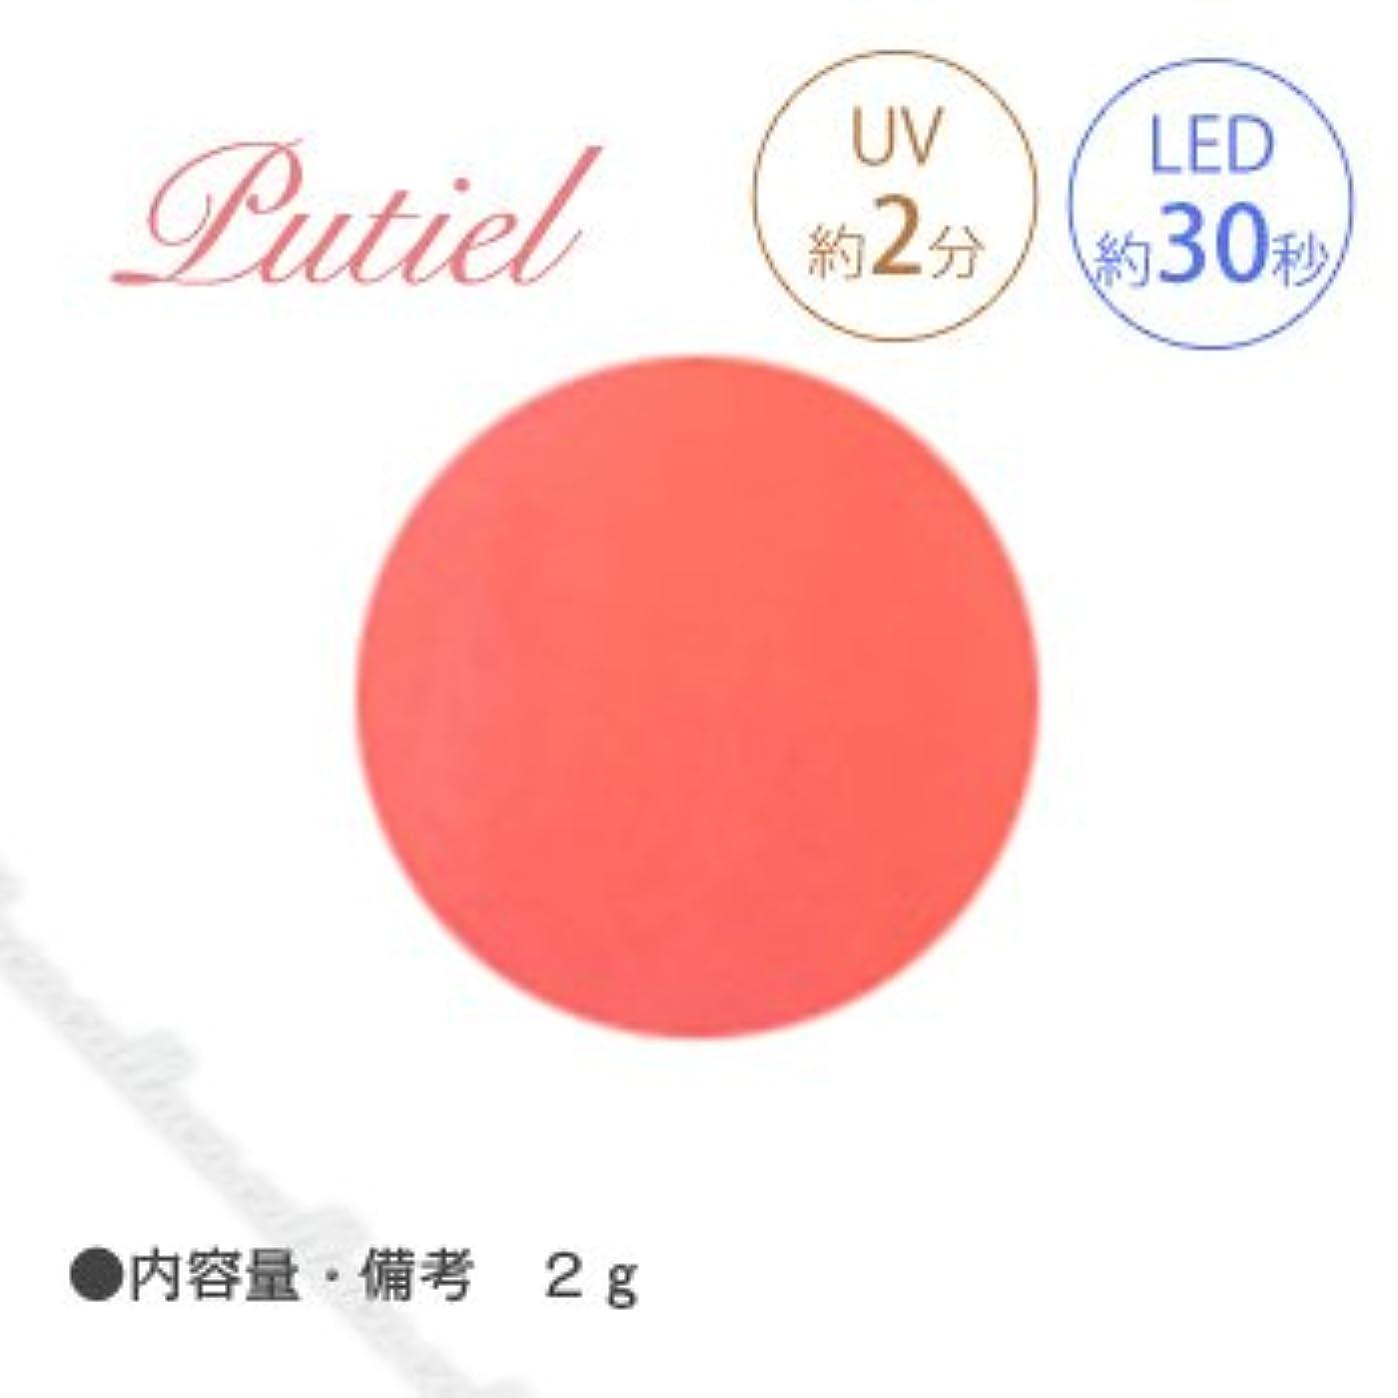 話記念品博覧会Putiel プティール カラージェル 143 ホットネオンオレンジ 2g